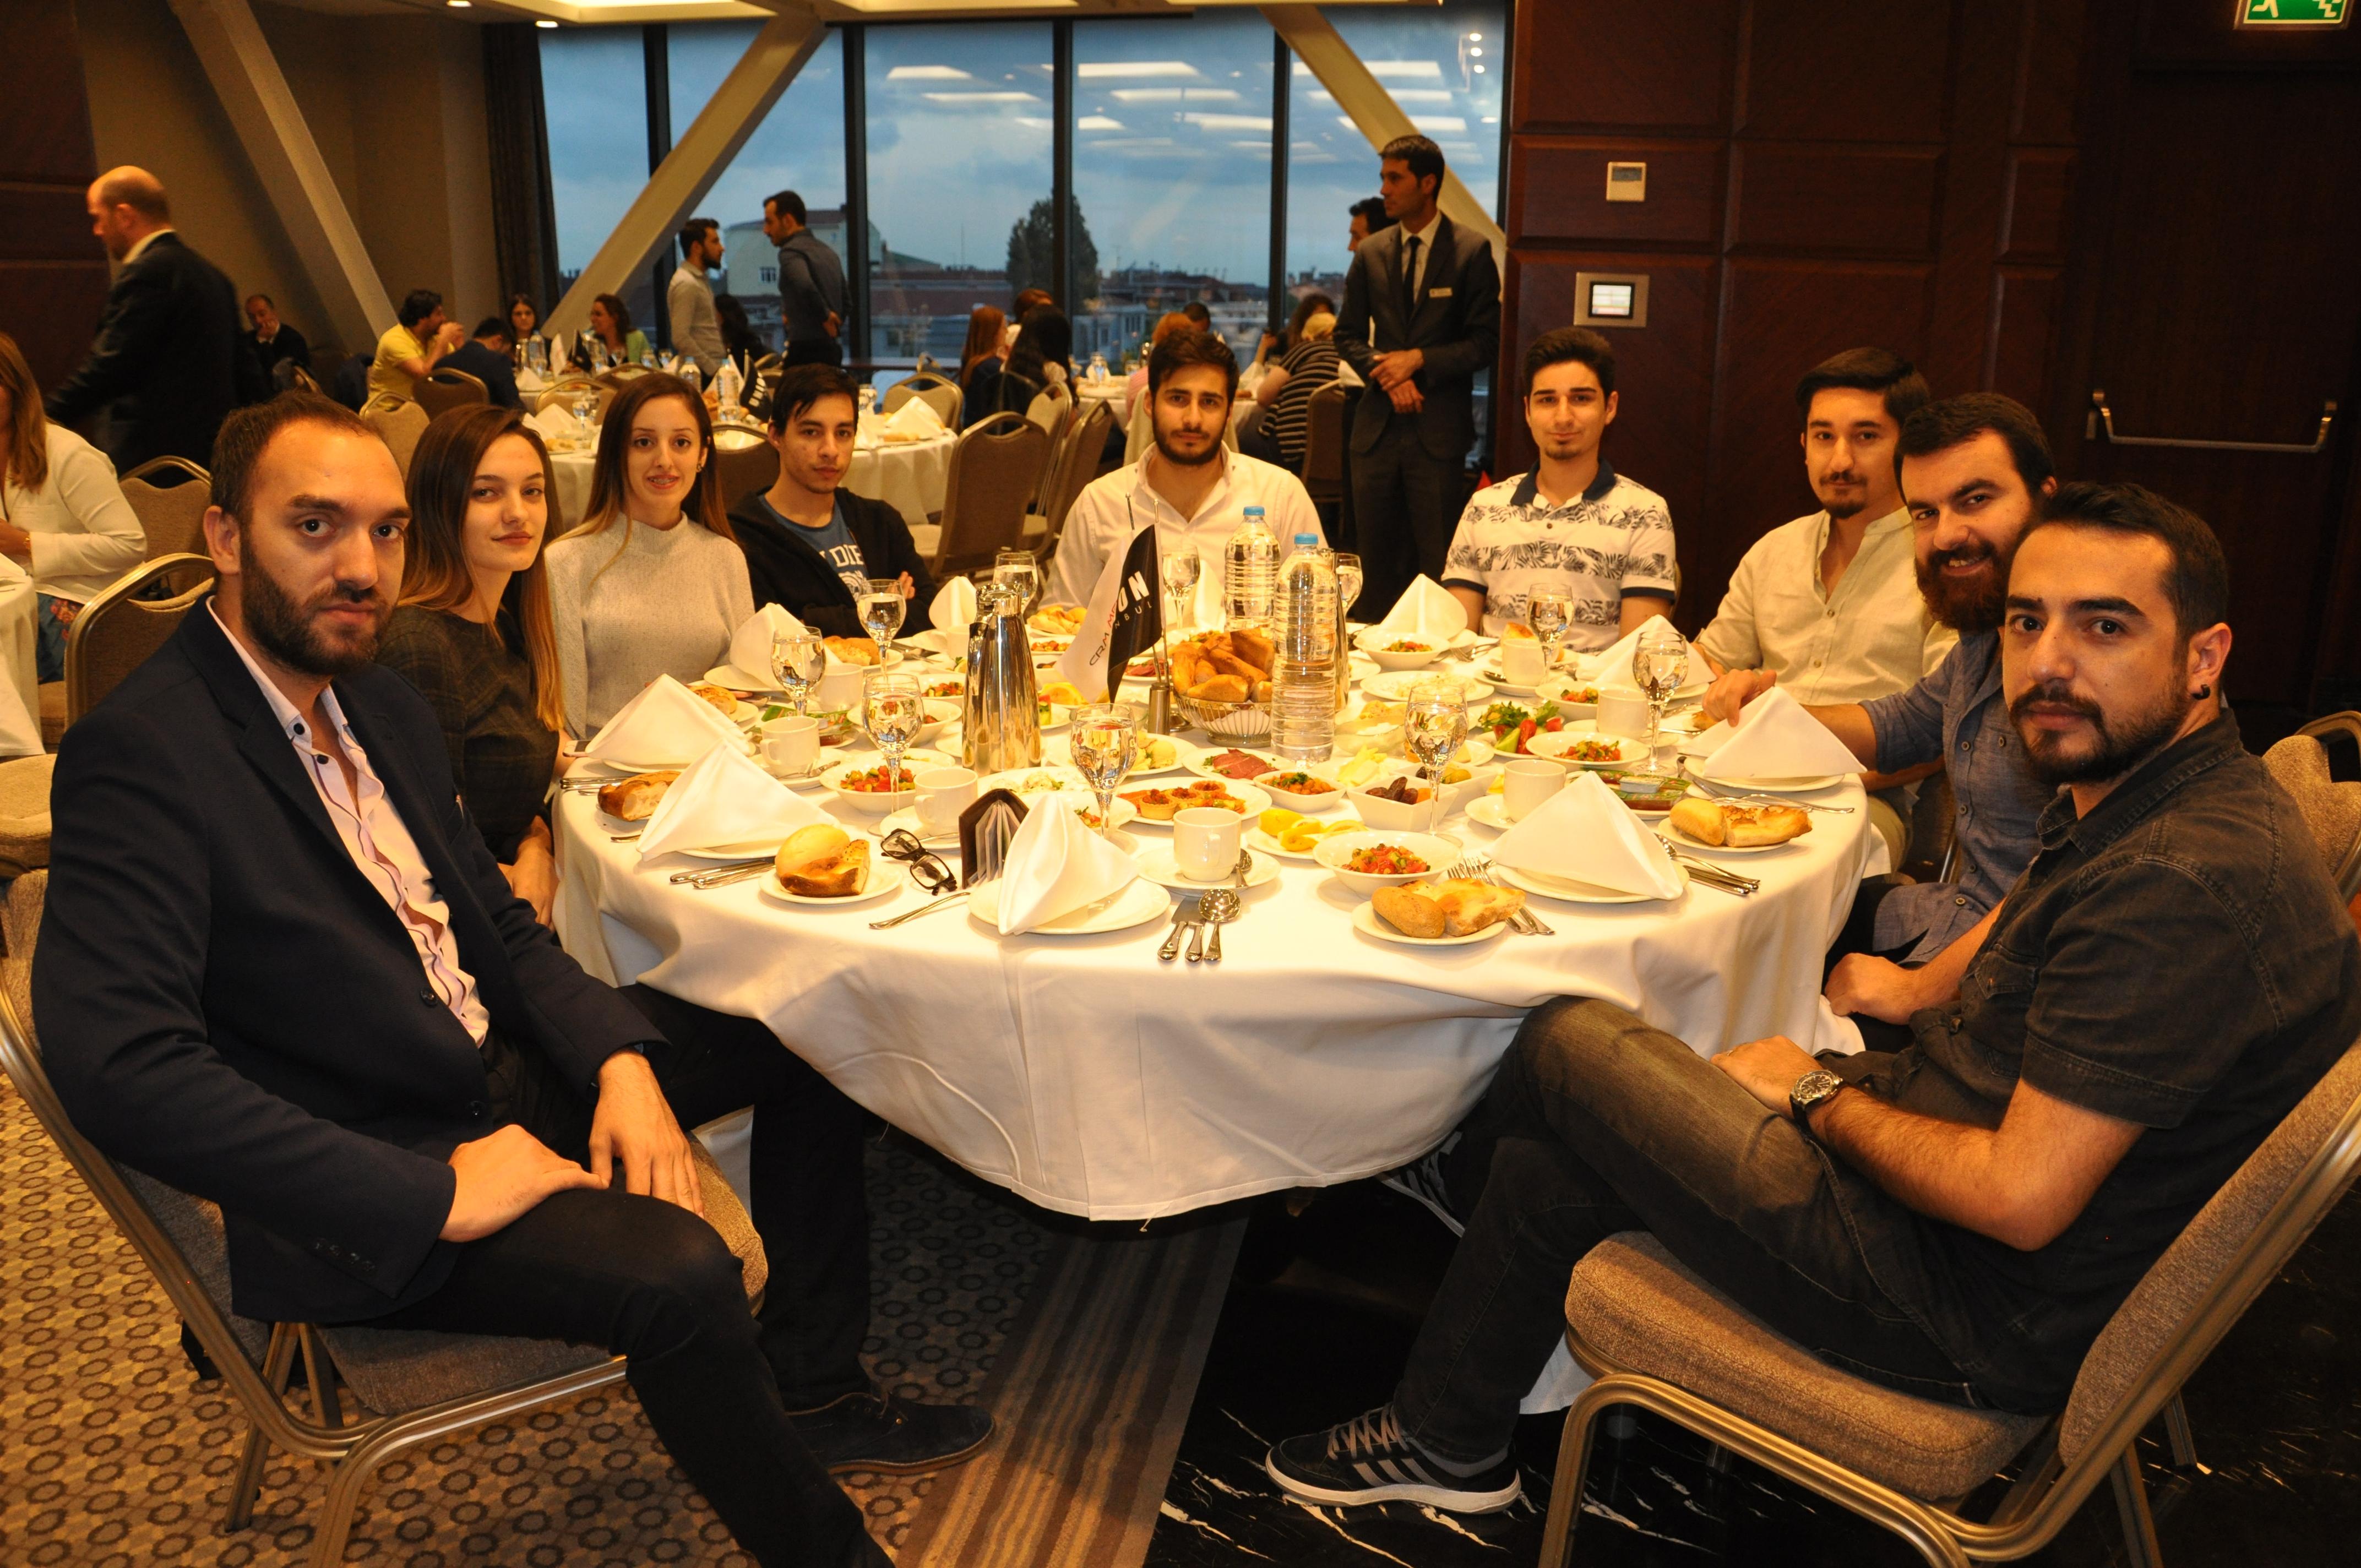 crm medya çalışanları iftar yemeğinde (2)